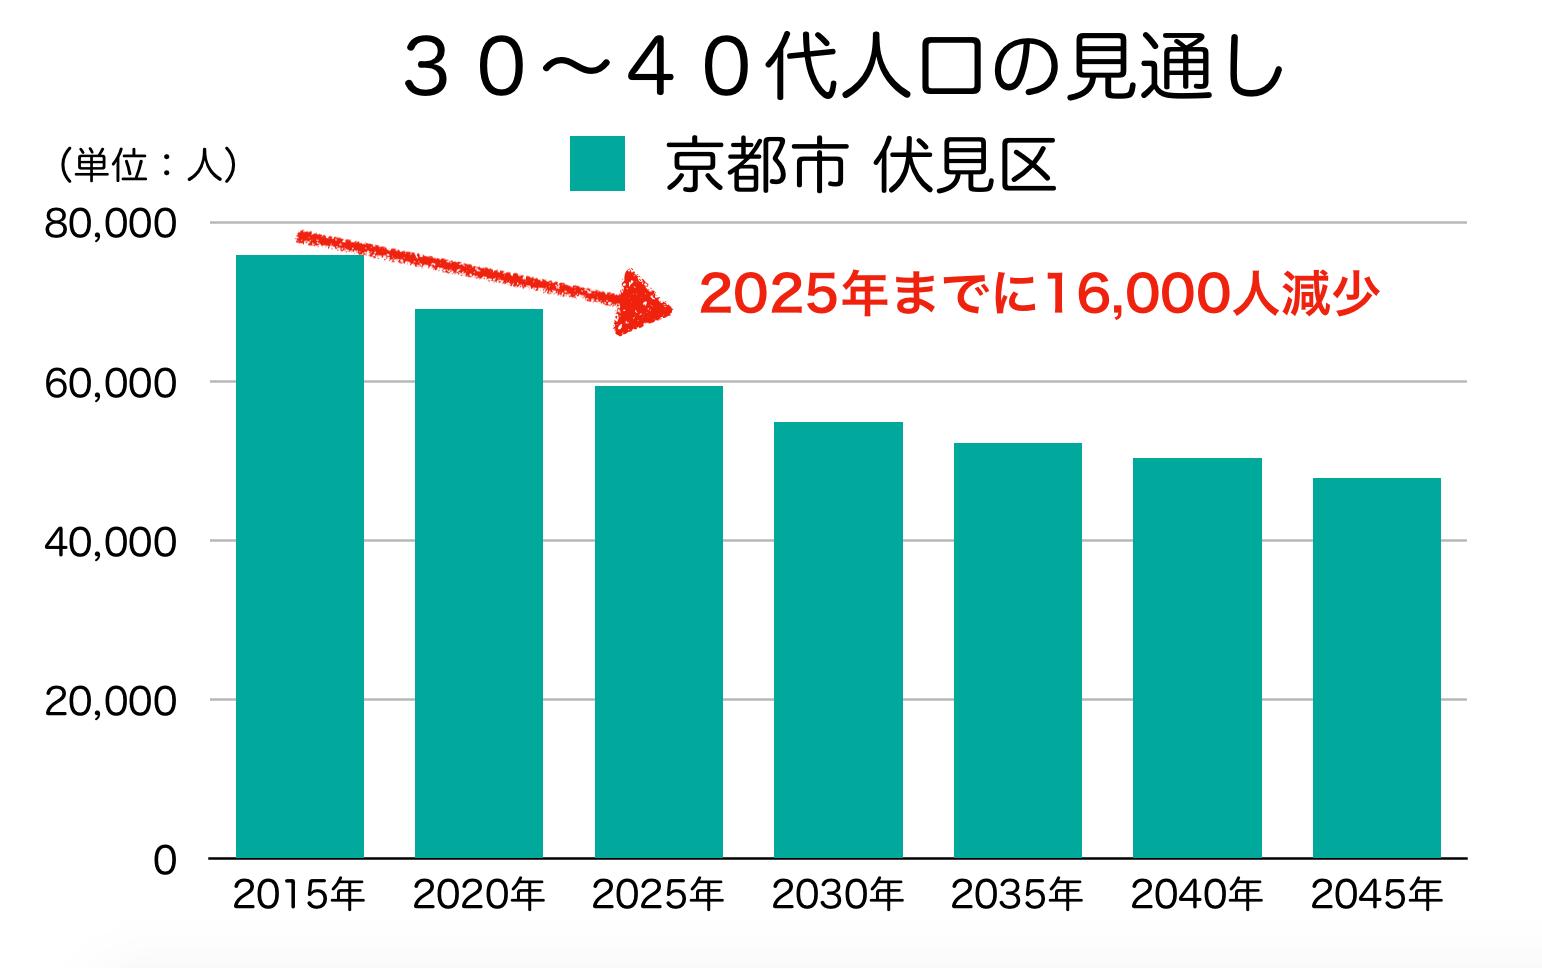 京都市伏見区の30〜40代人口の予測